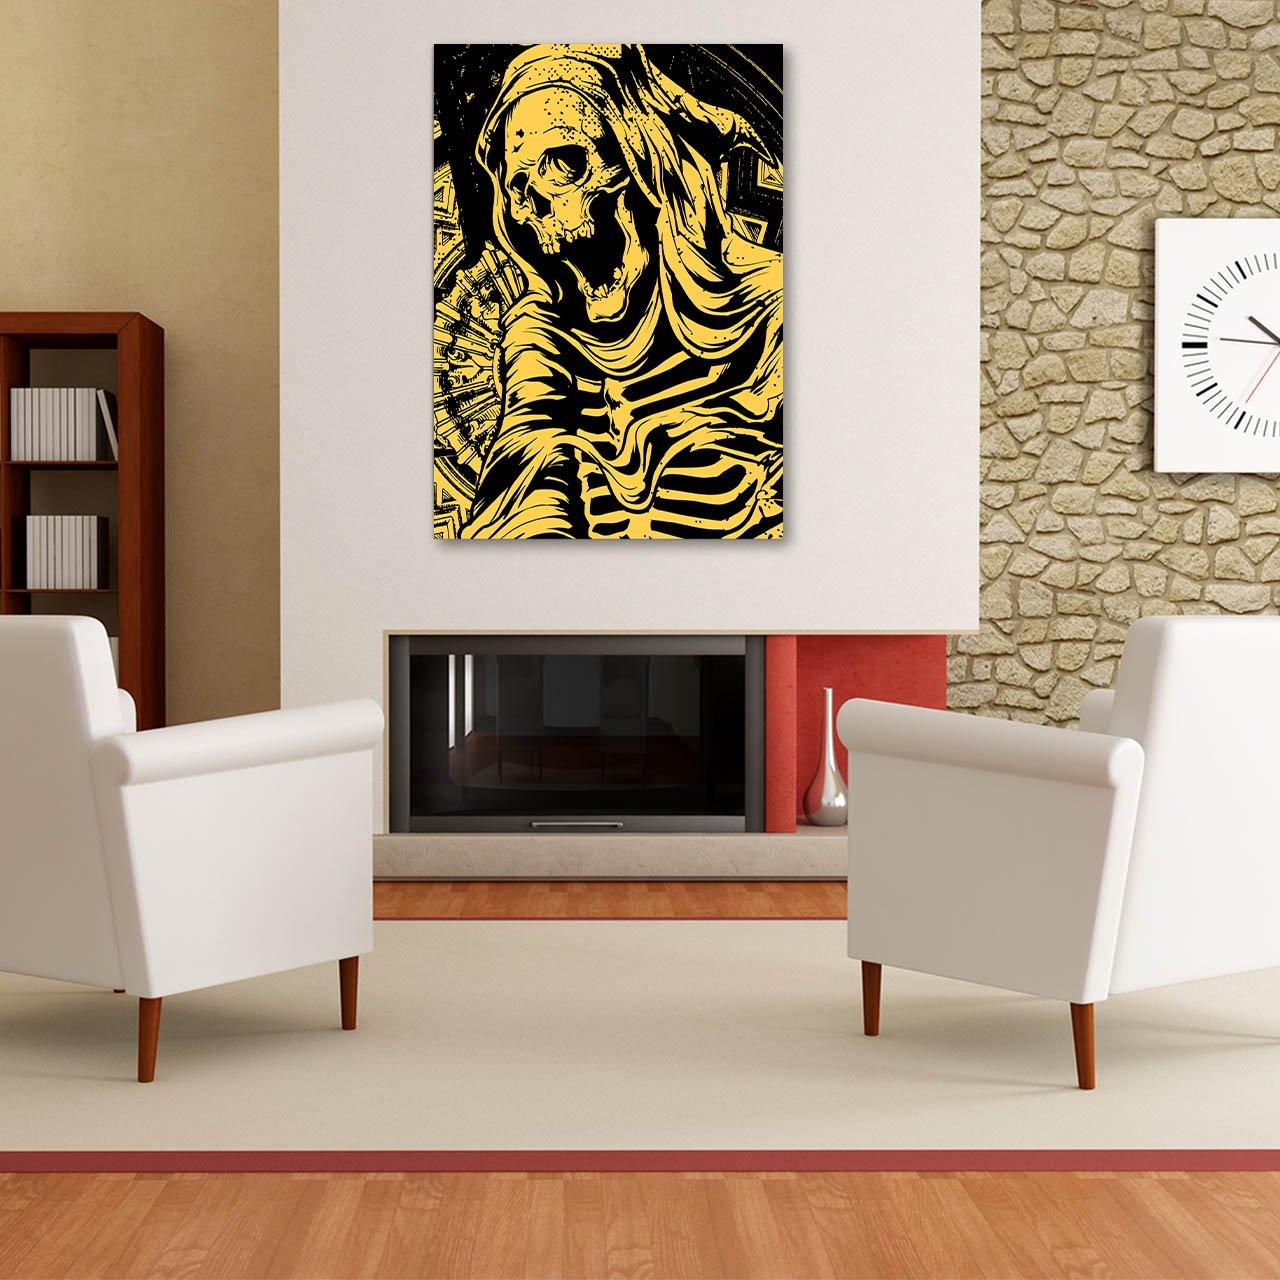 Amazon.com: Reaper Death Skull Grim Dead Body Matte/Glossy Poster A2 (60cm x 42cm) | Wellcoda: Posters & Prints